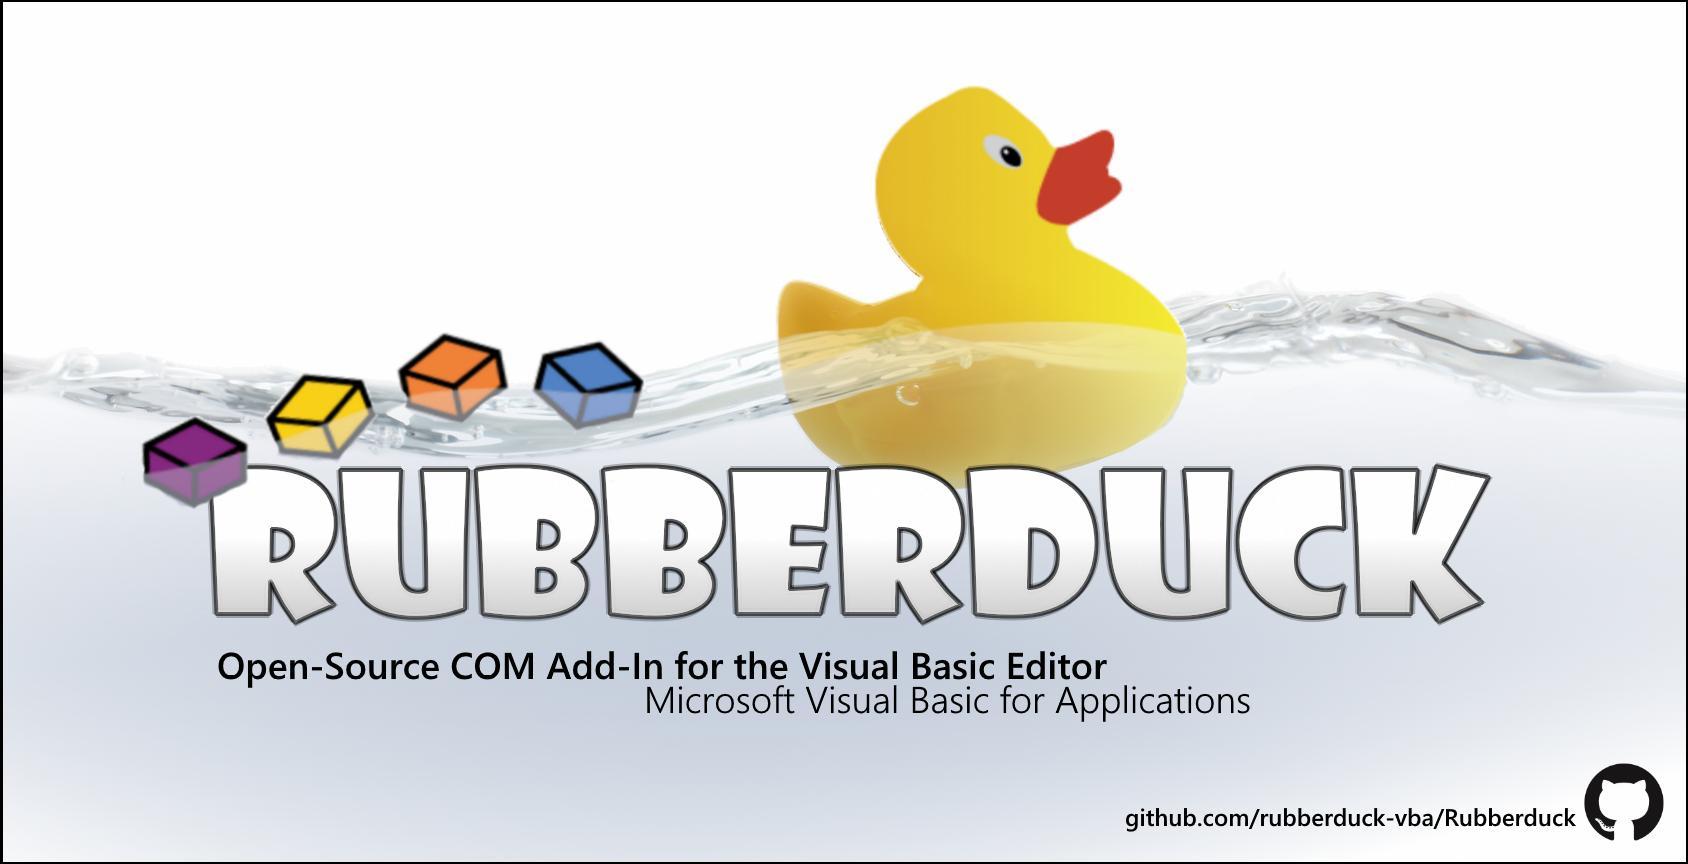 rubberduckプロジェクトを応援します さくらコンサル創業ブログ